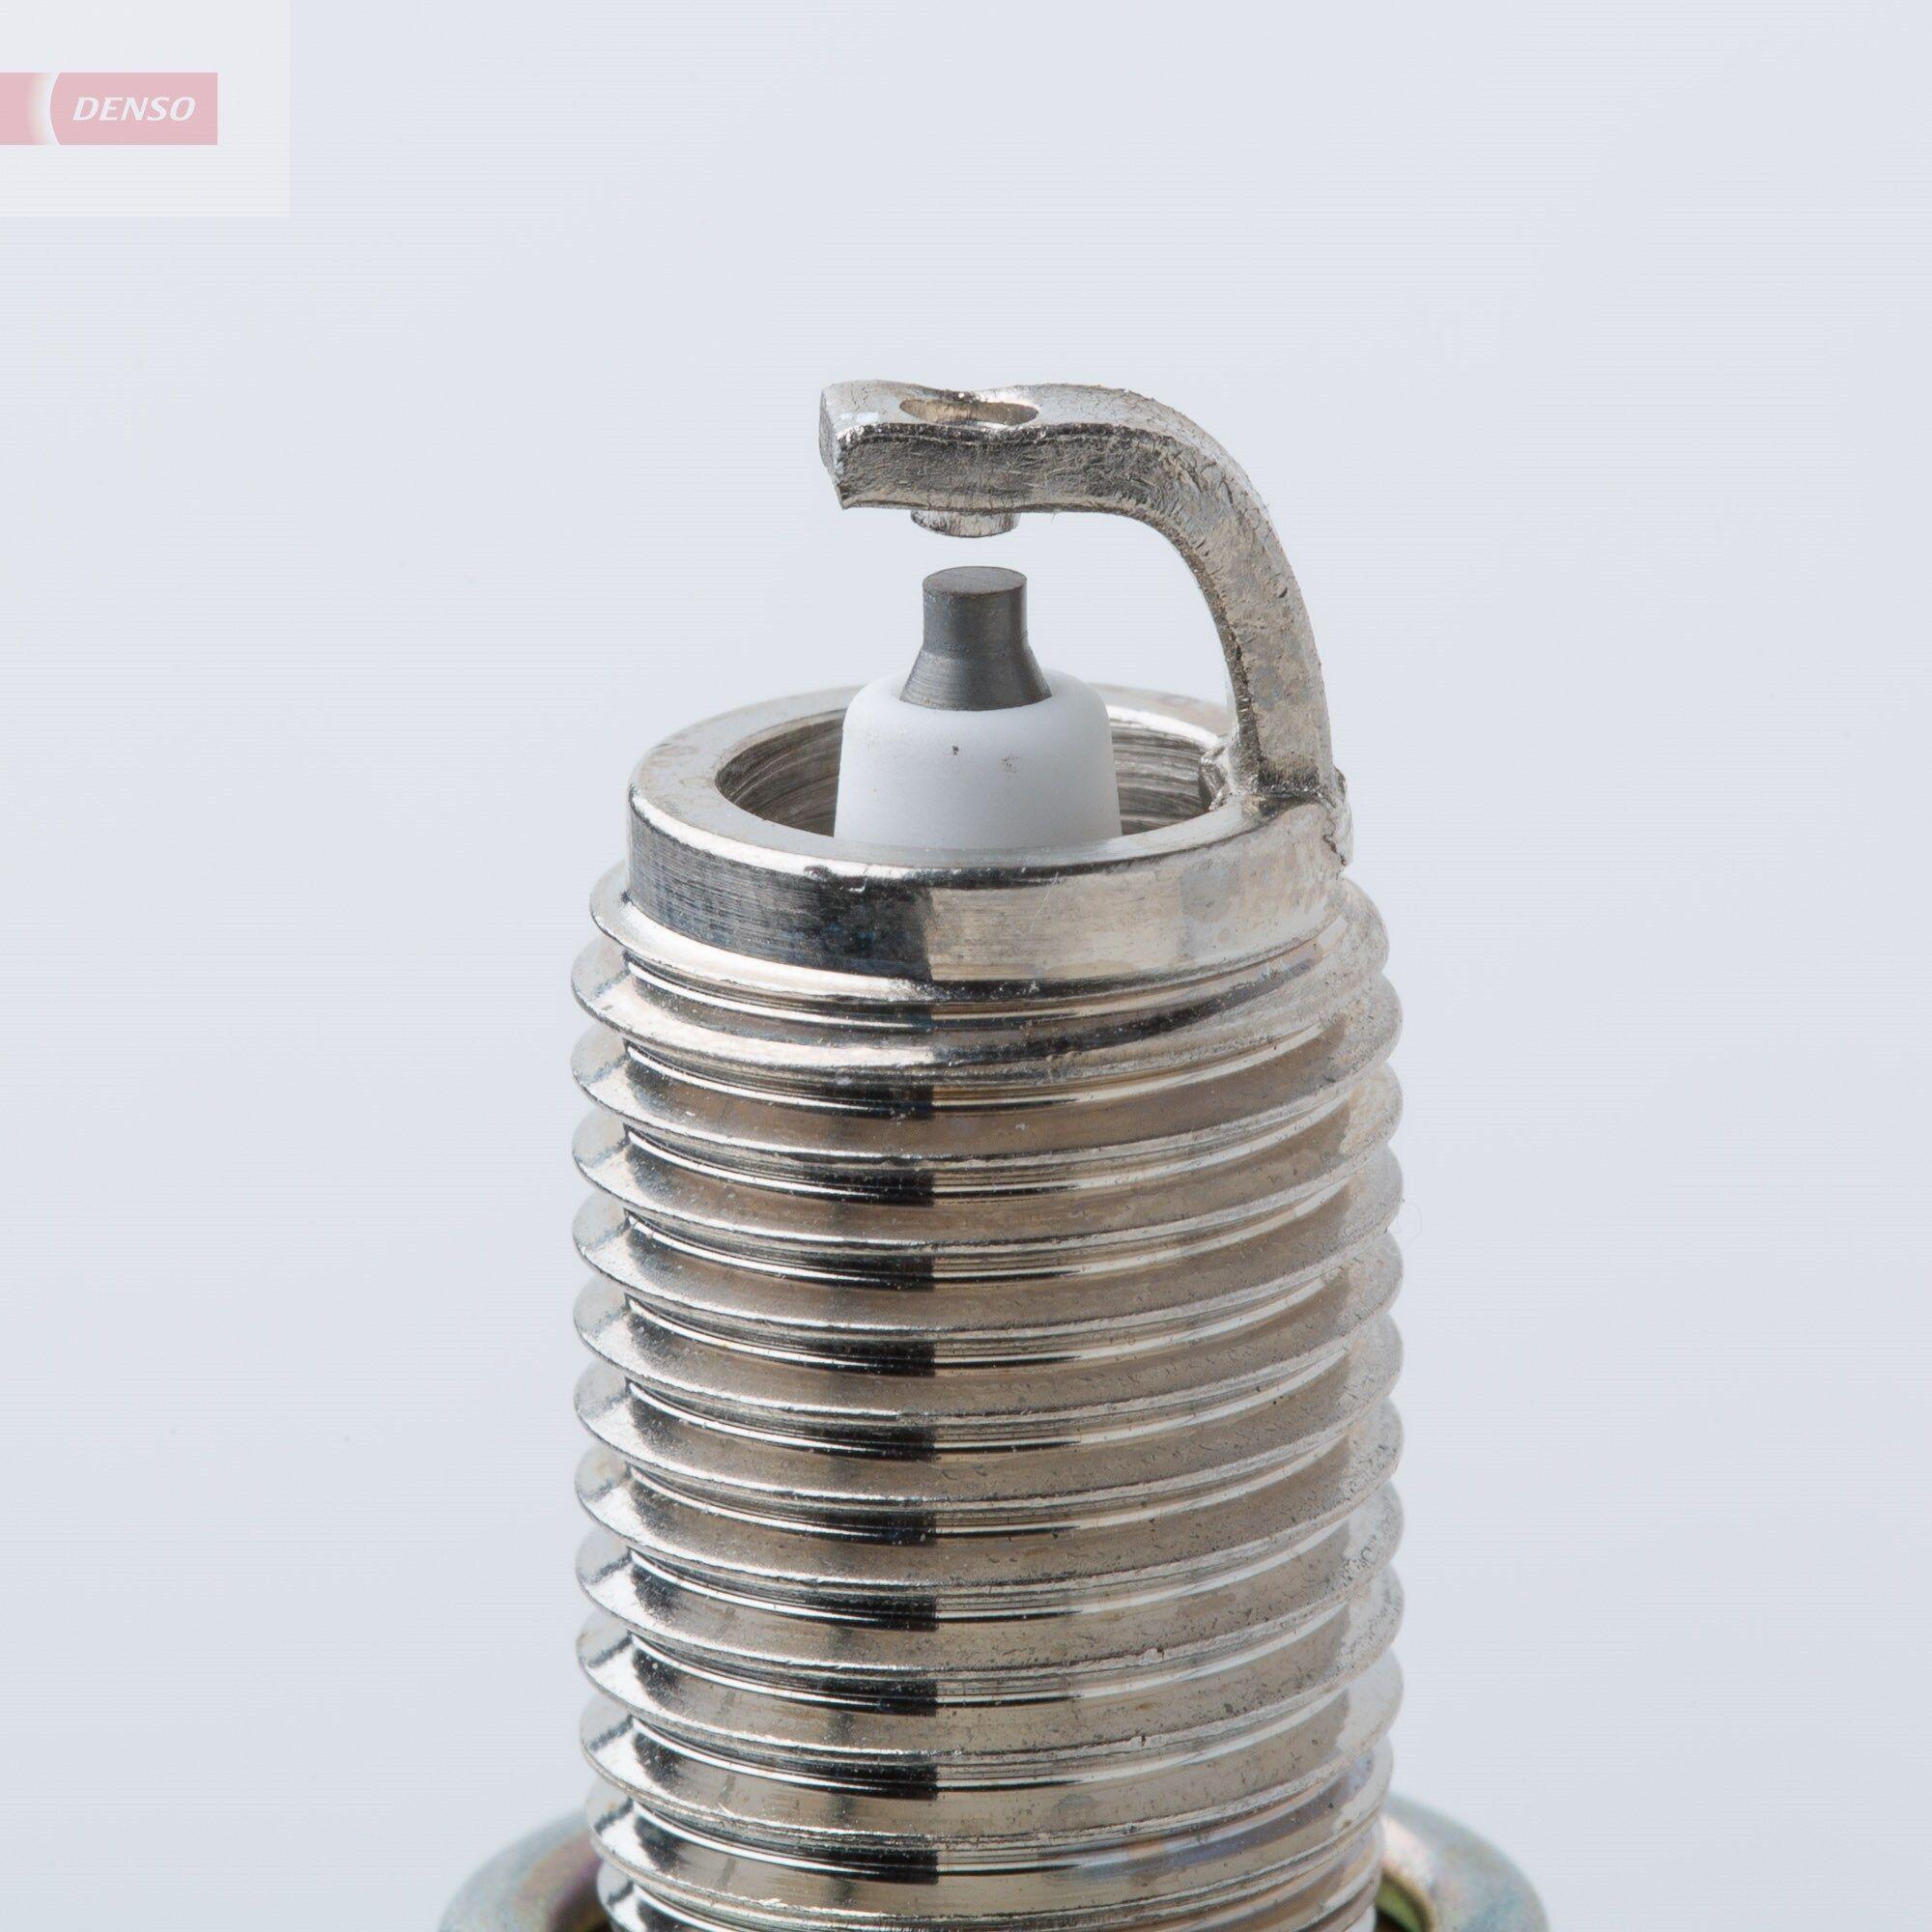 XU22TT Запалителна свещ DENSO 4614 - Голям избор — голямо намалание